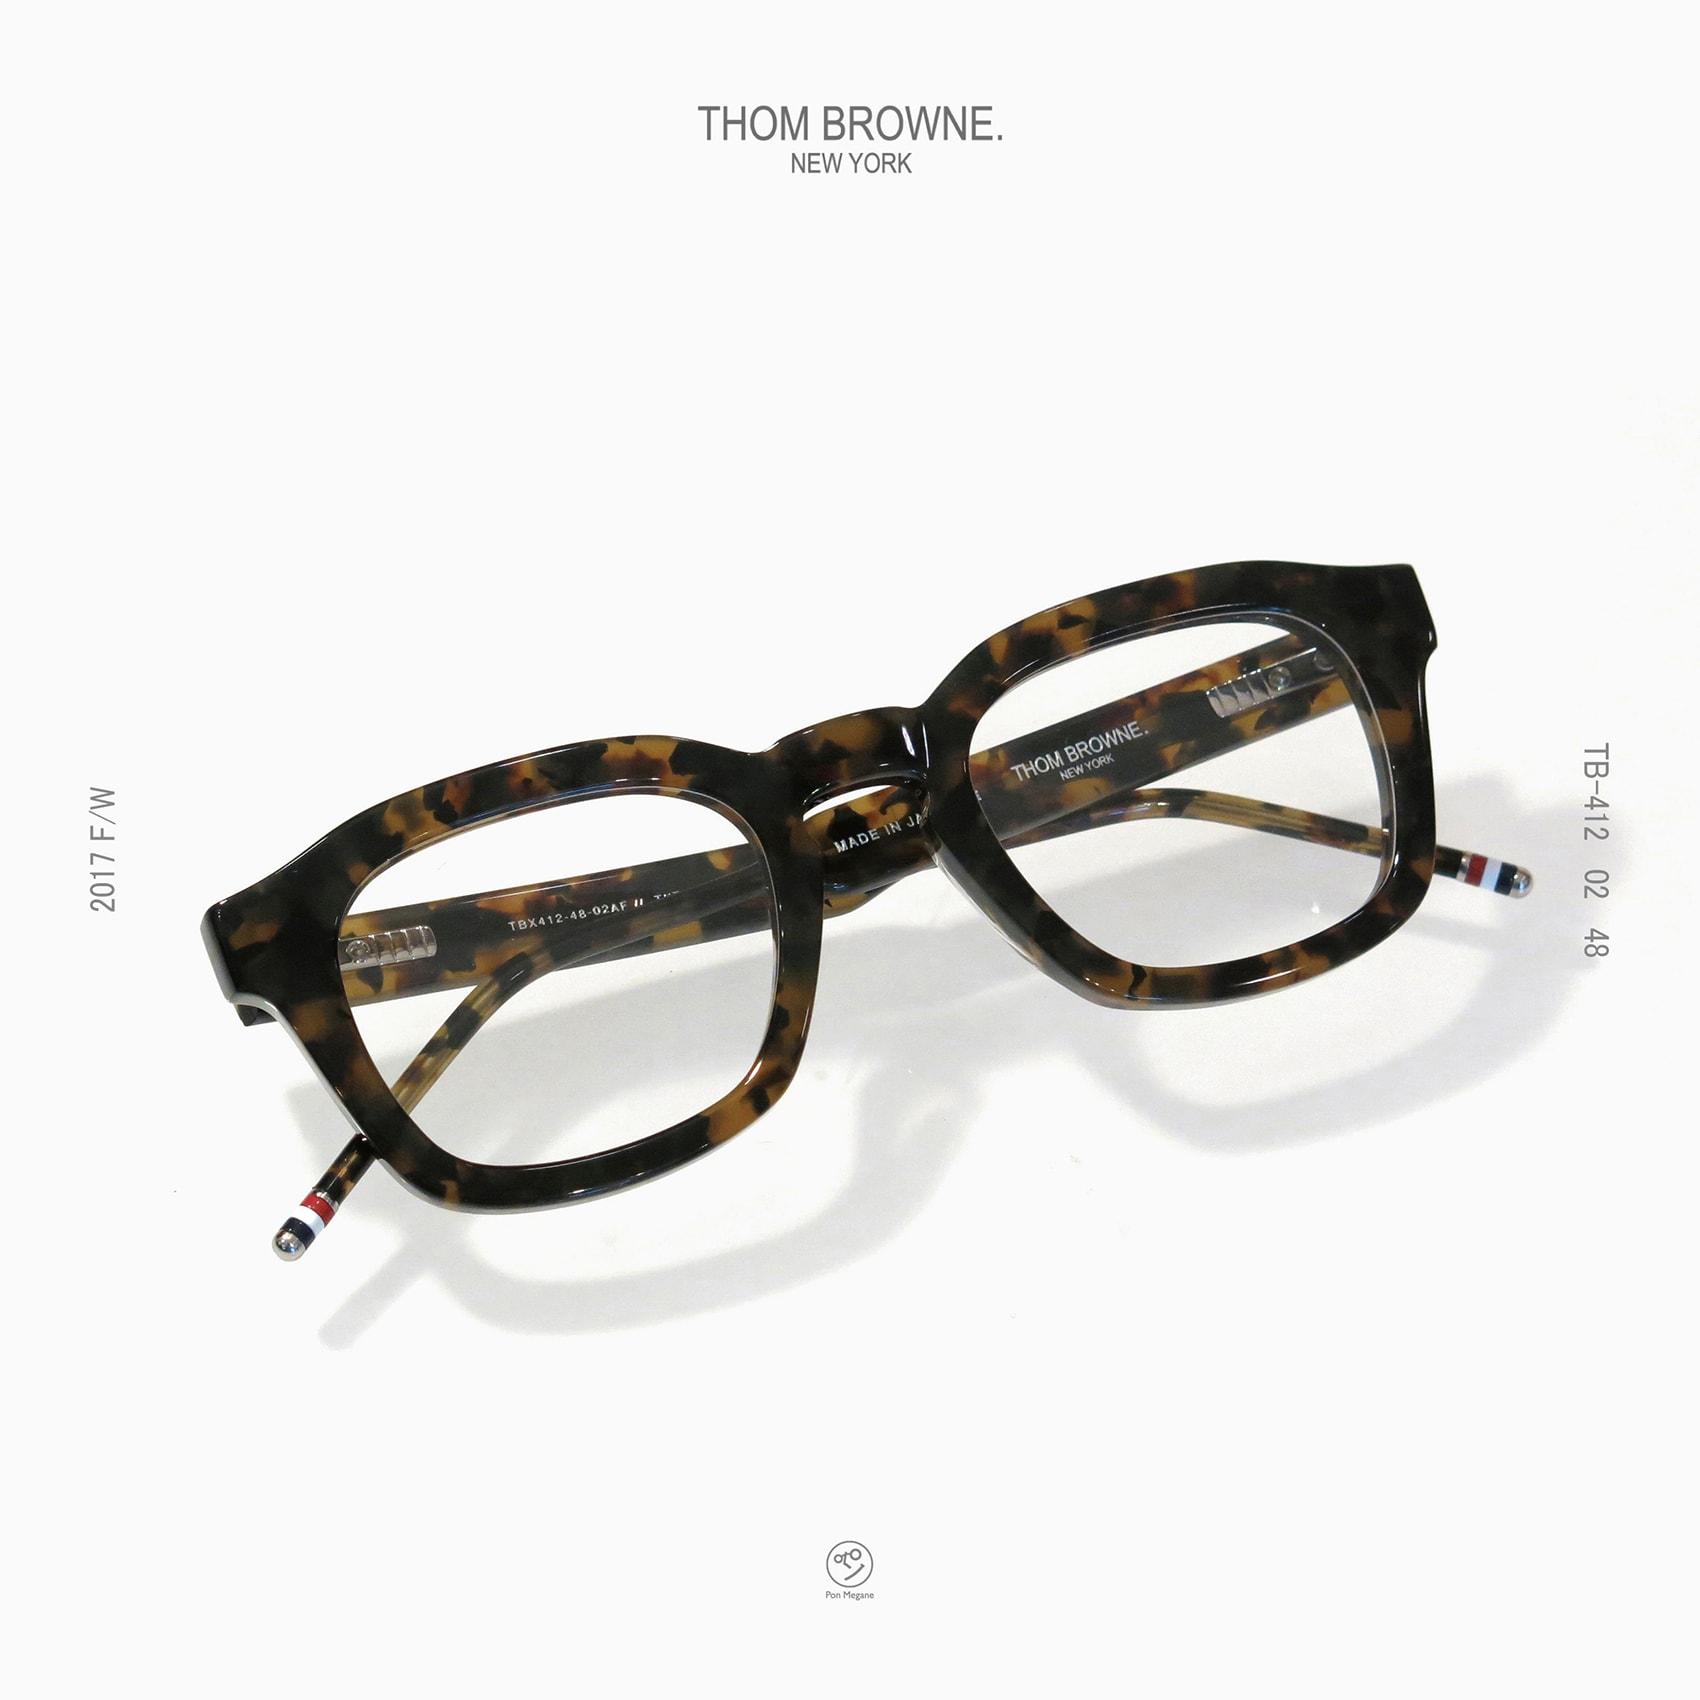 insta_thom-browne_2017fw_tb412-02